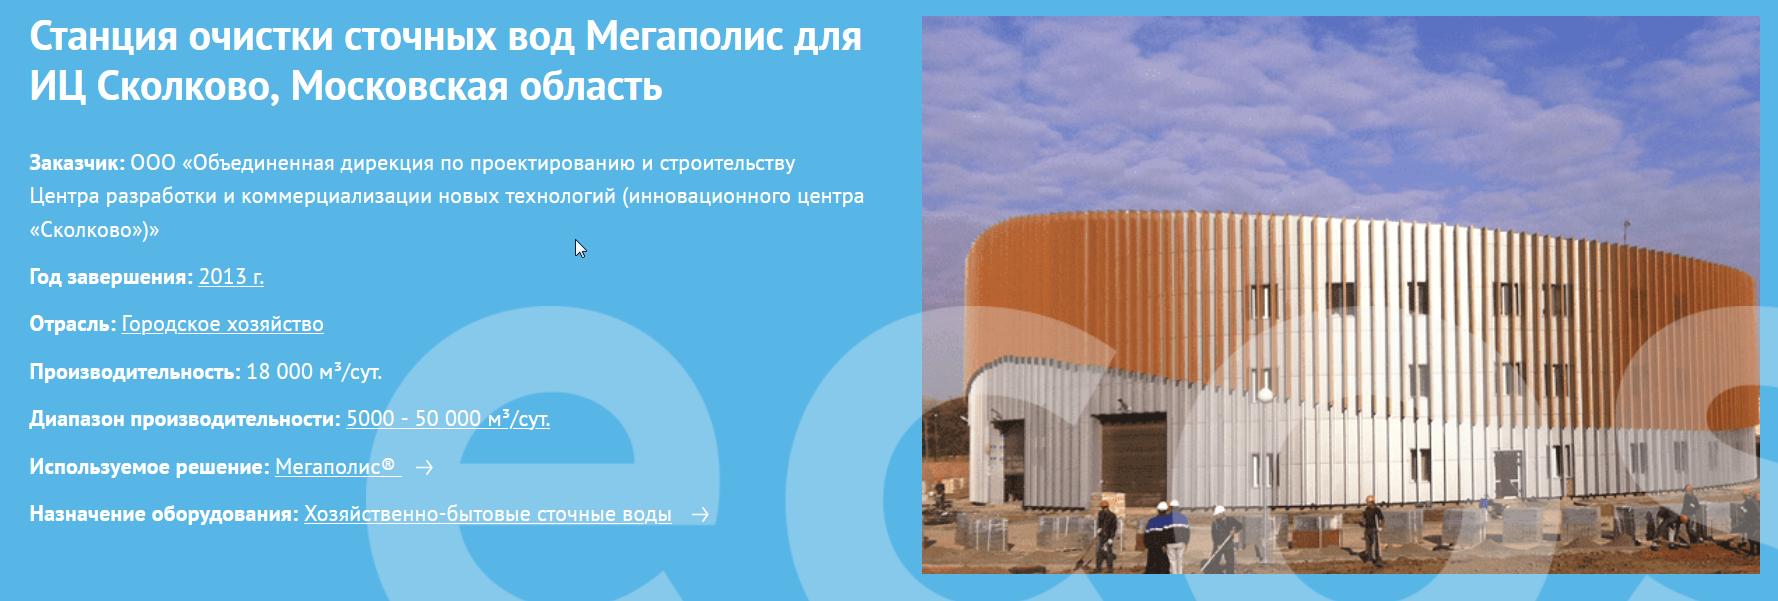 Очистные сооружения канализации для Международного аэропорта Шереметьево, г. Химки, Москва